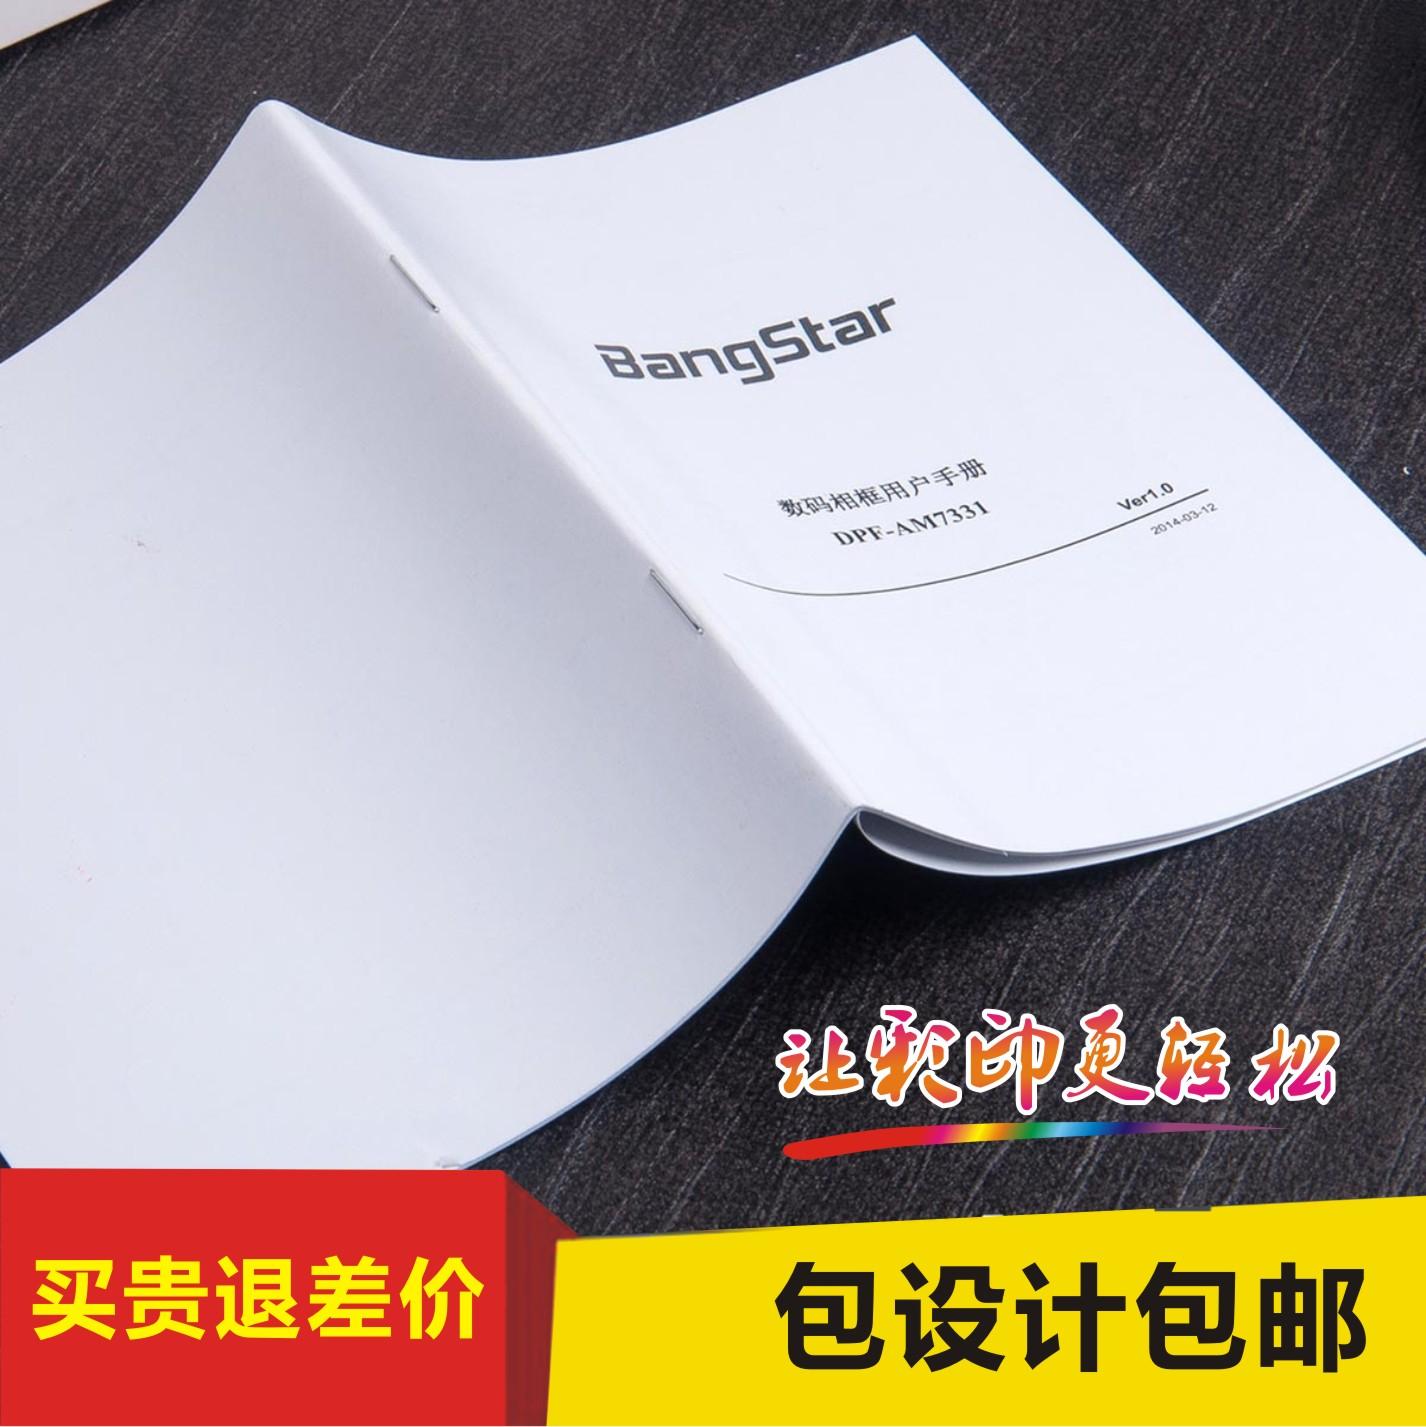 特价说明书免费设计产品彩色美容折页宣传单定制骑马钉胶装印刷